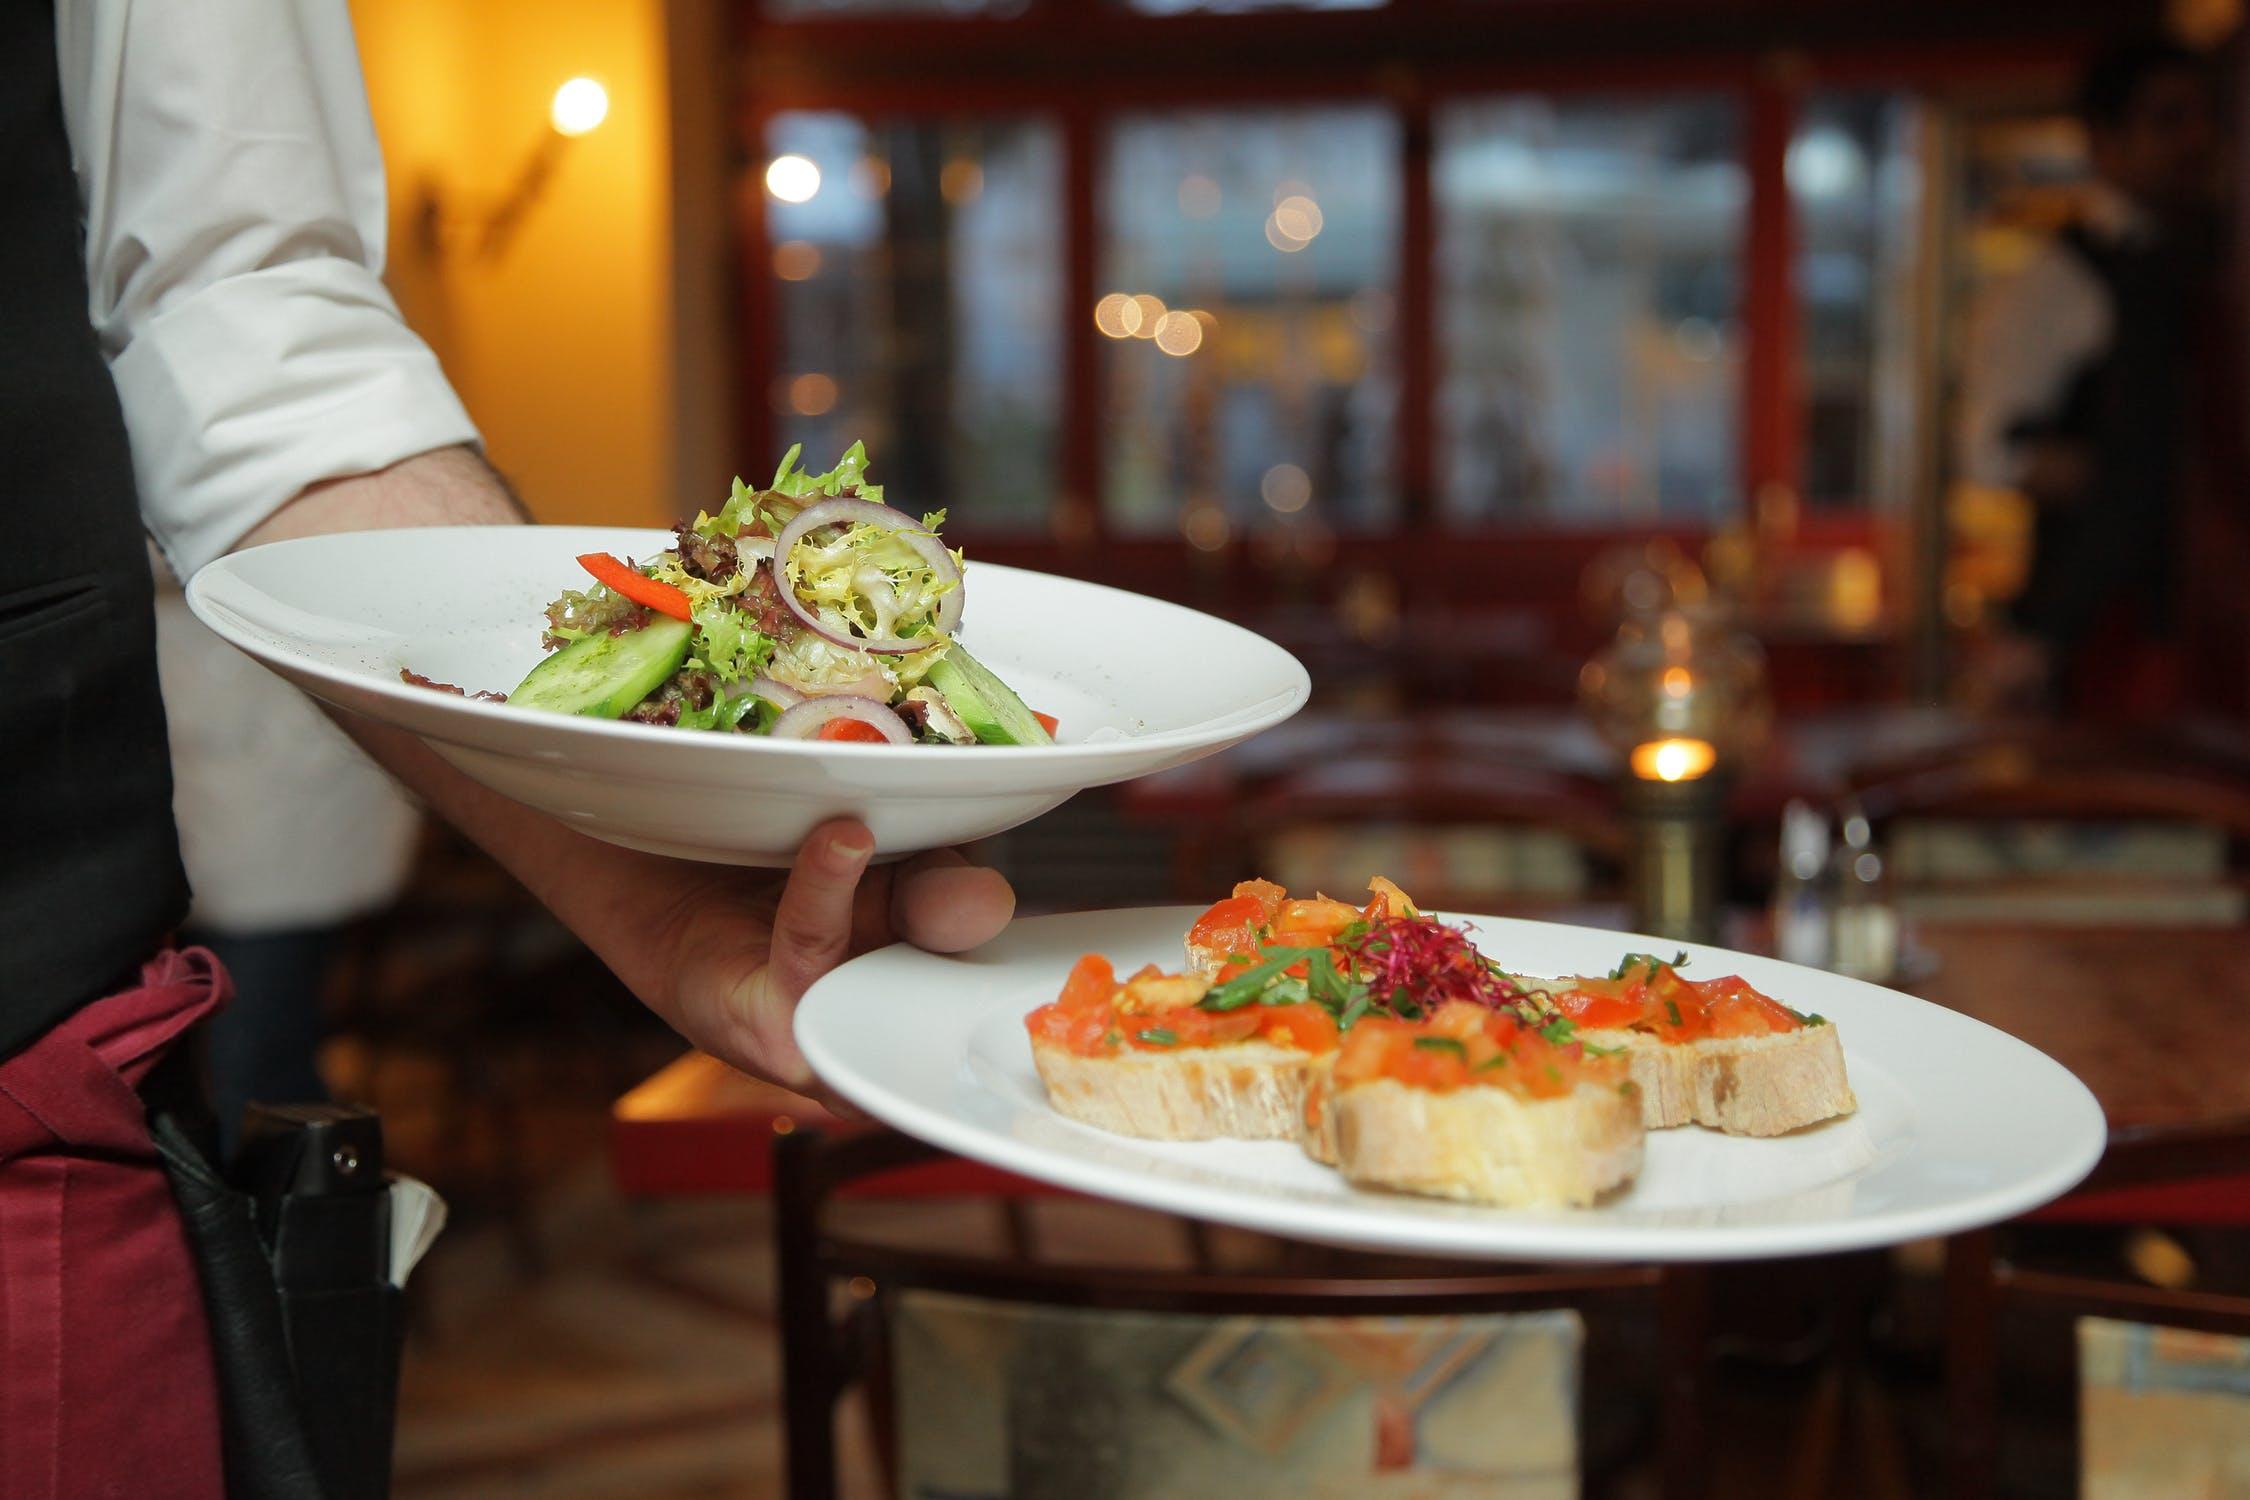 Homem servindo dois pratos para manter a alimentação equilibrada